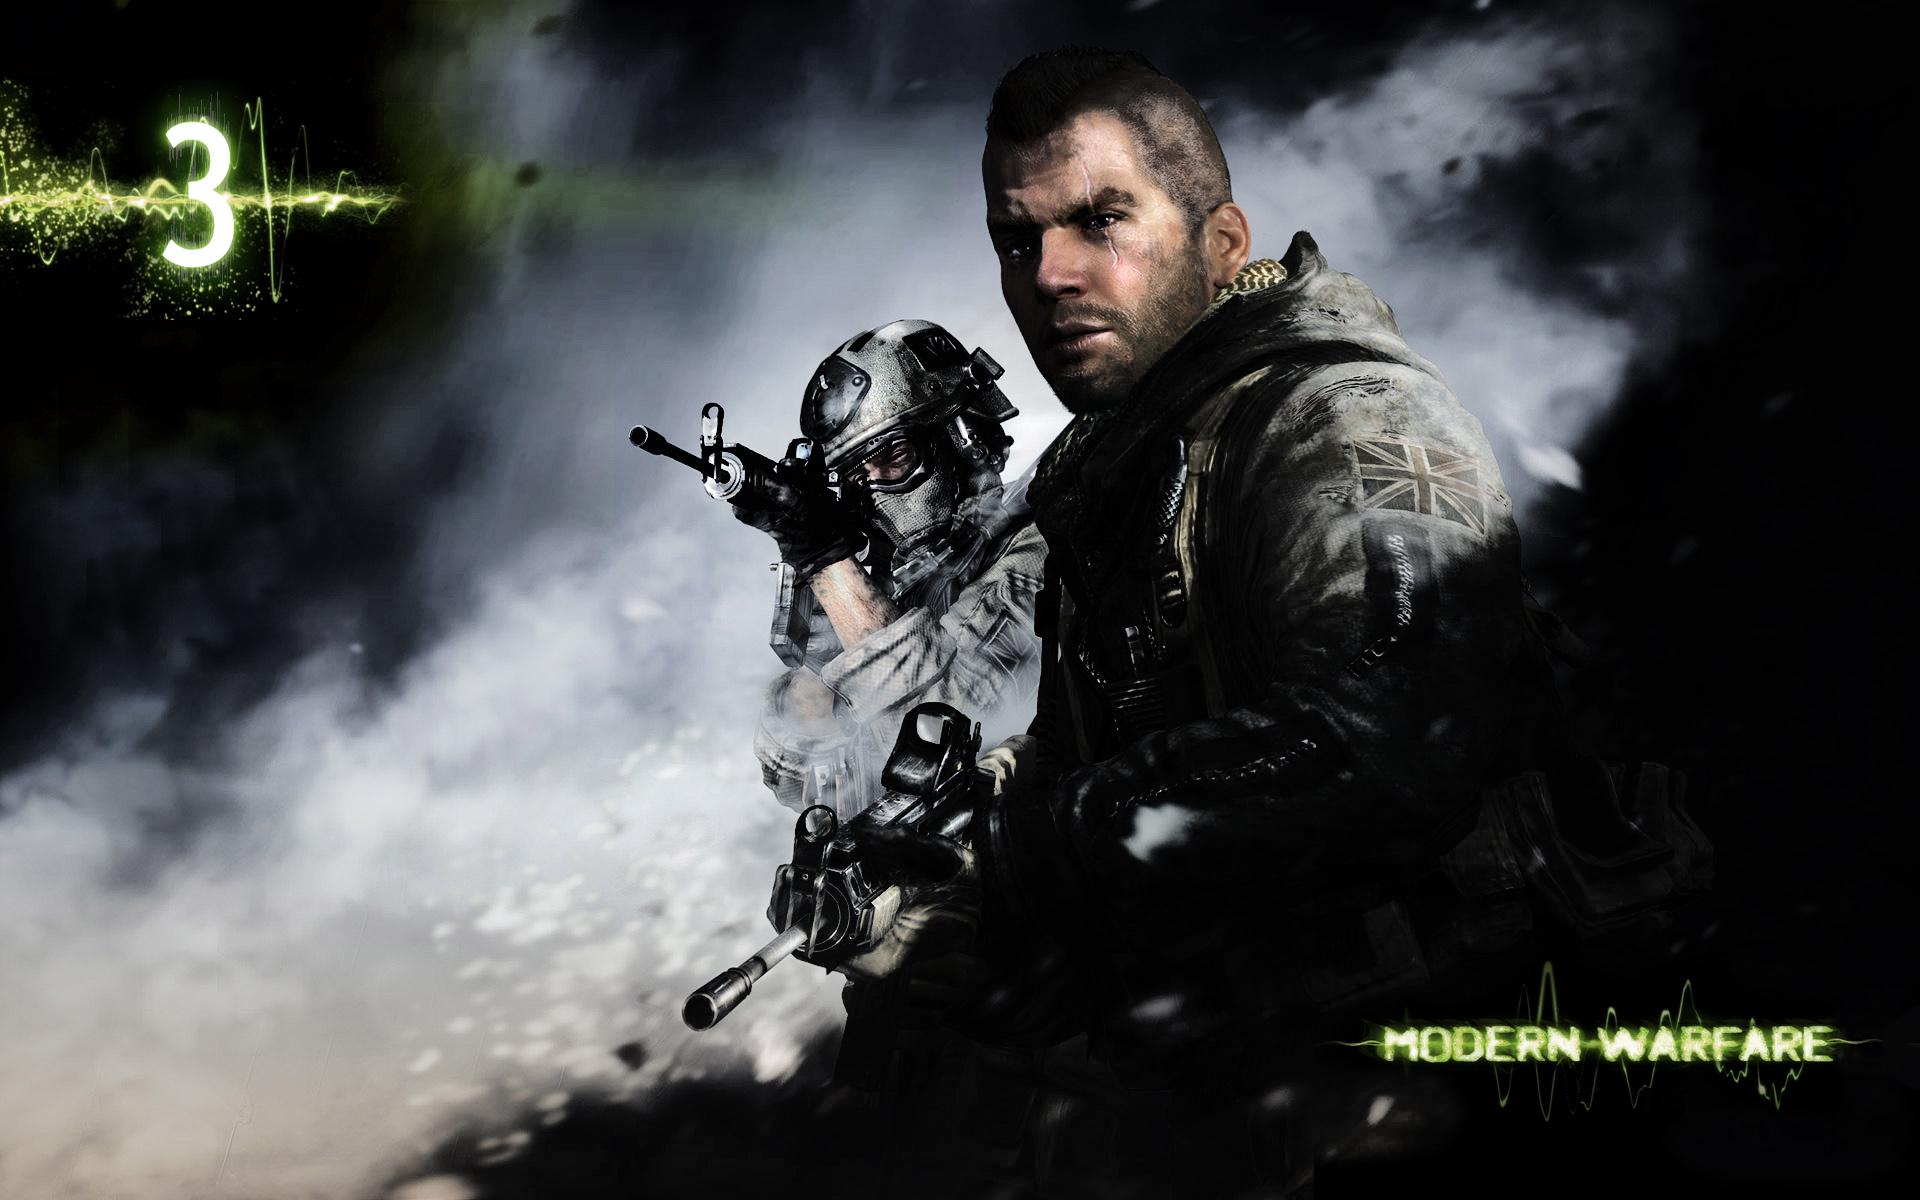 Modern Warfare 3 mw3 wallpapers 1920x1200